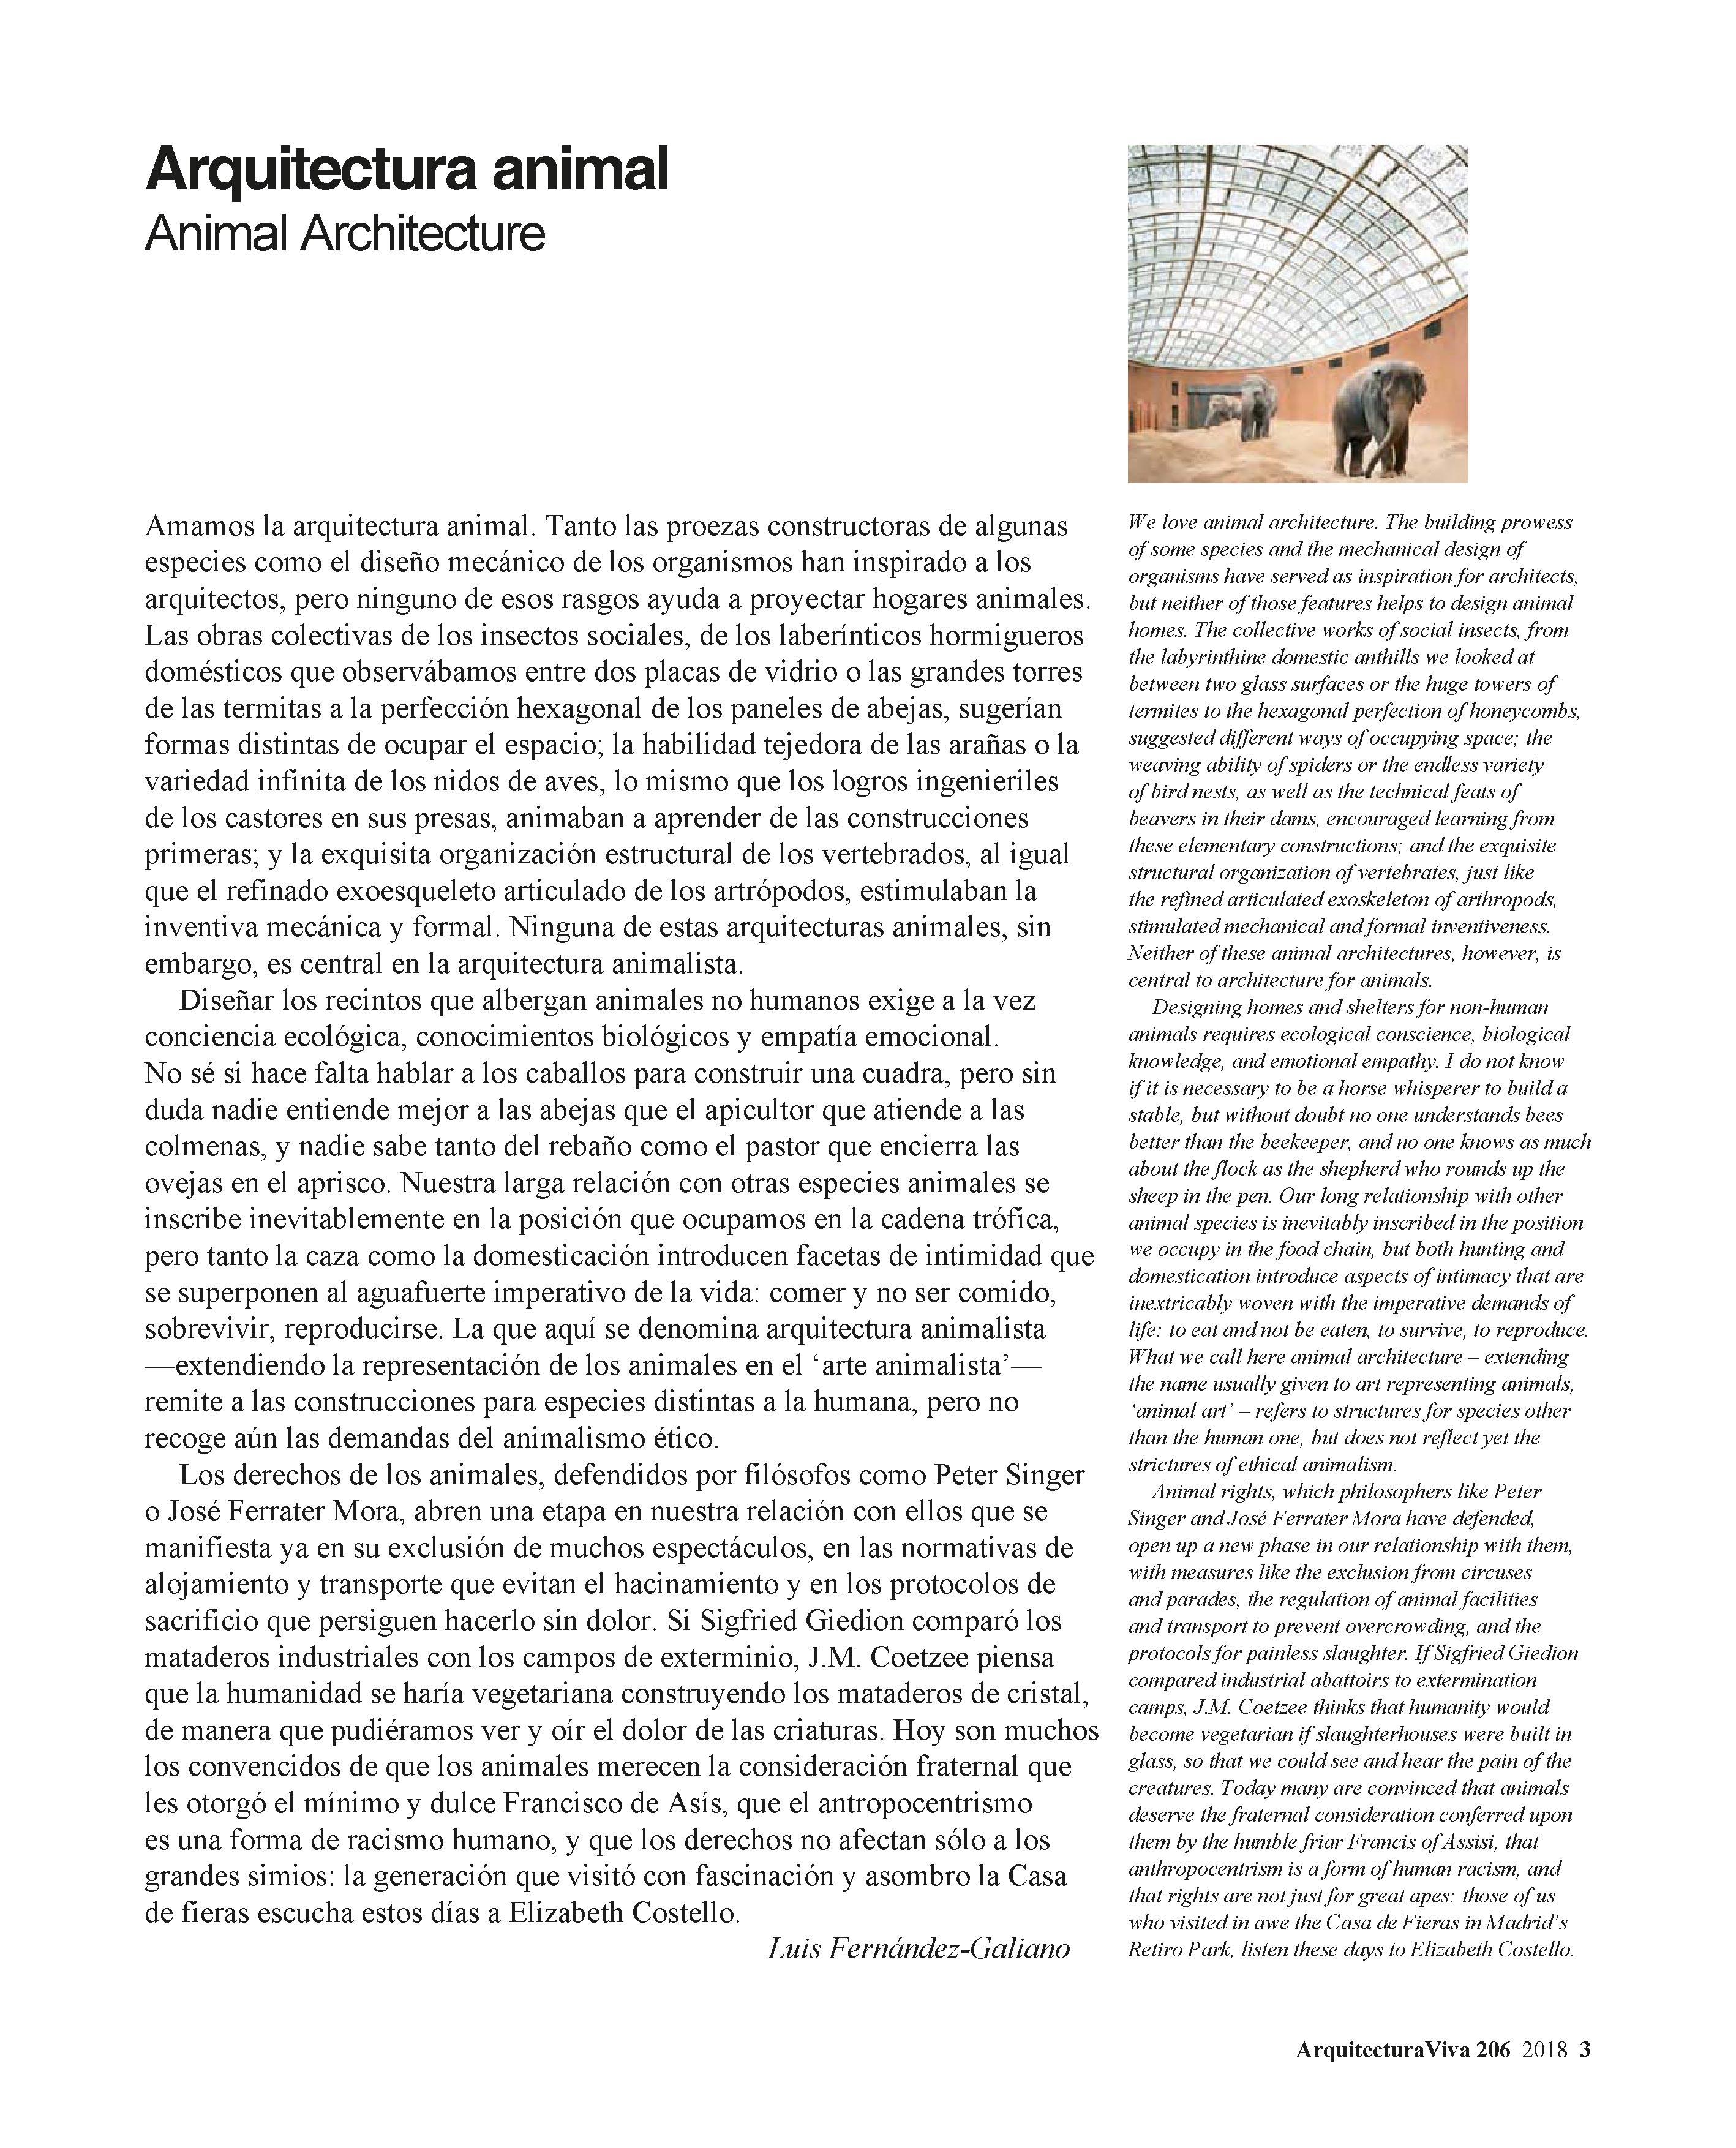 Arquitectura Viva 206